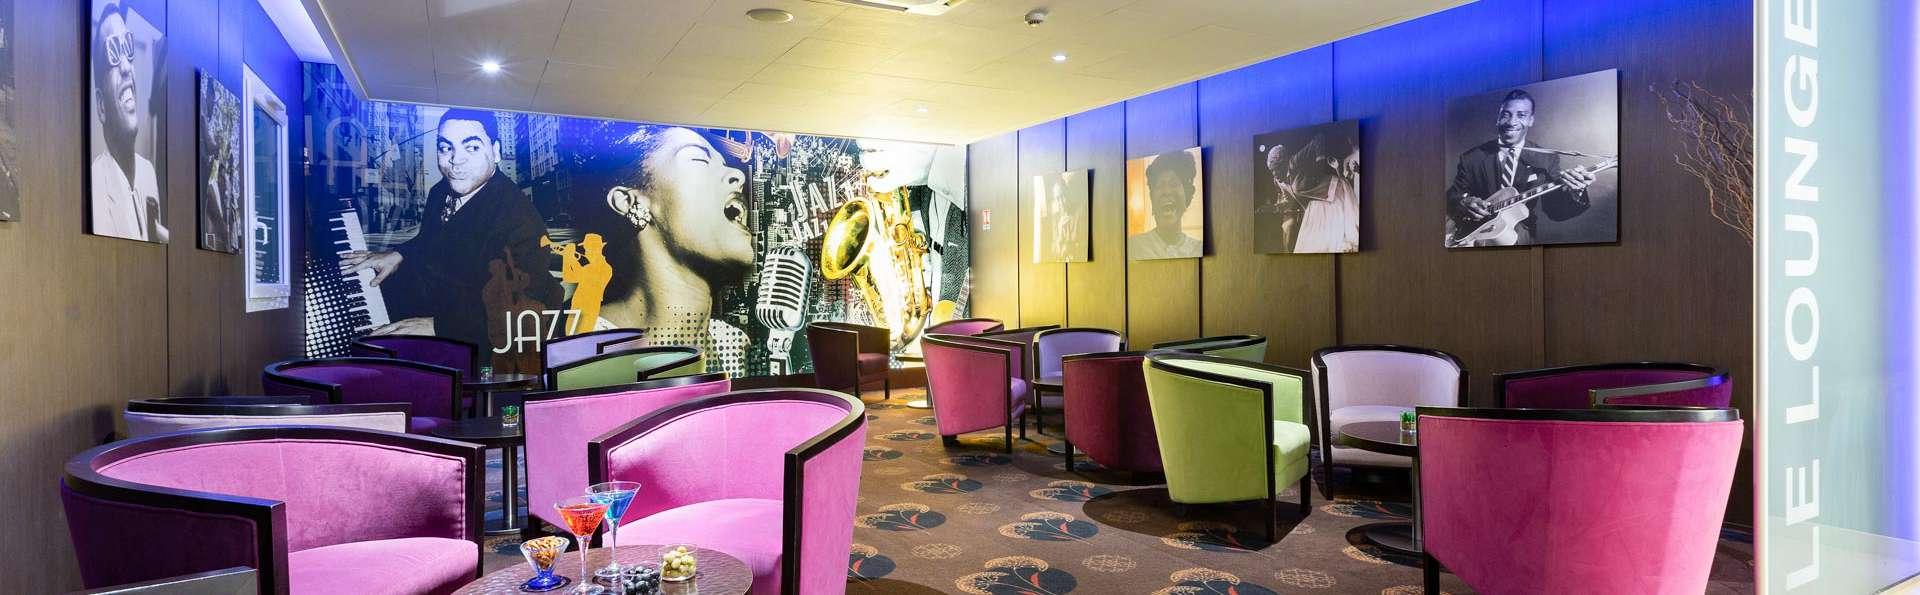 Hôtel Roi Soleil Prestige Colmar - EDIT_LOUNGE_01.jpg